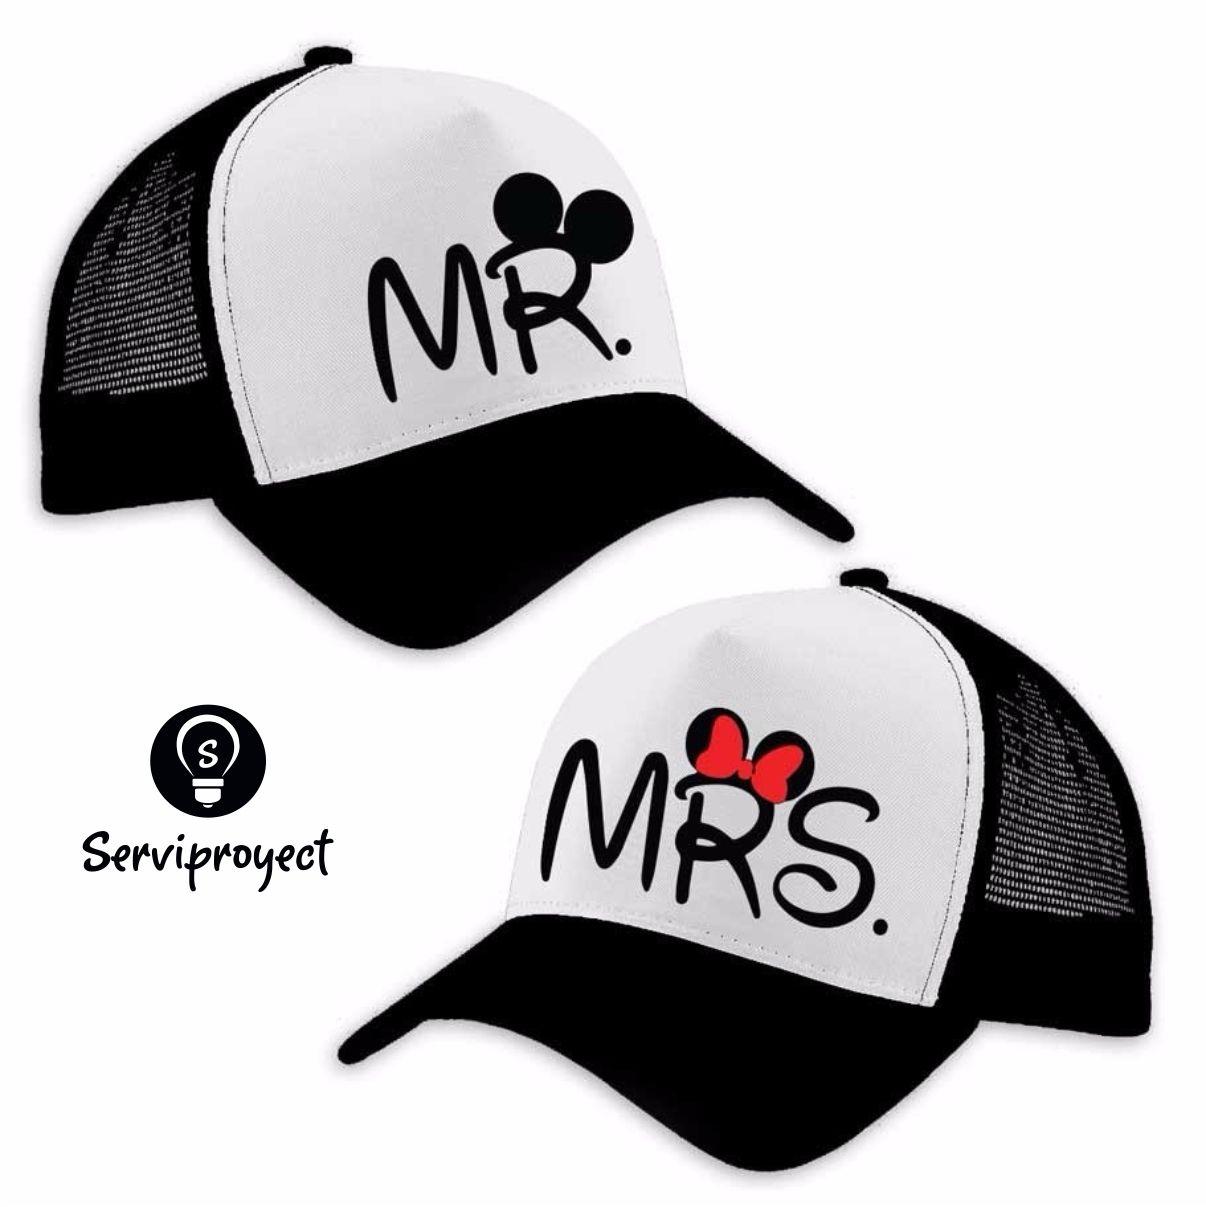 Gorras personalizadas. Ideas para regalos en pareja. Gorras tipo trucker 85d363cdf56